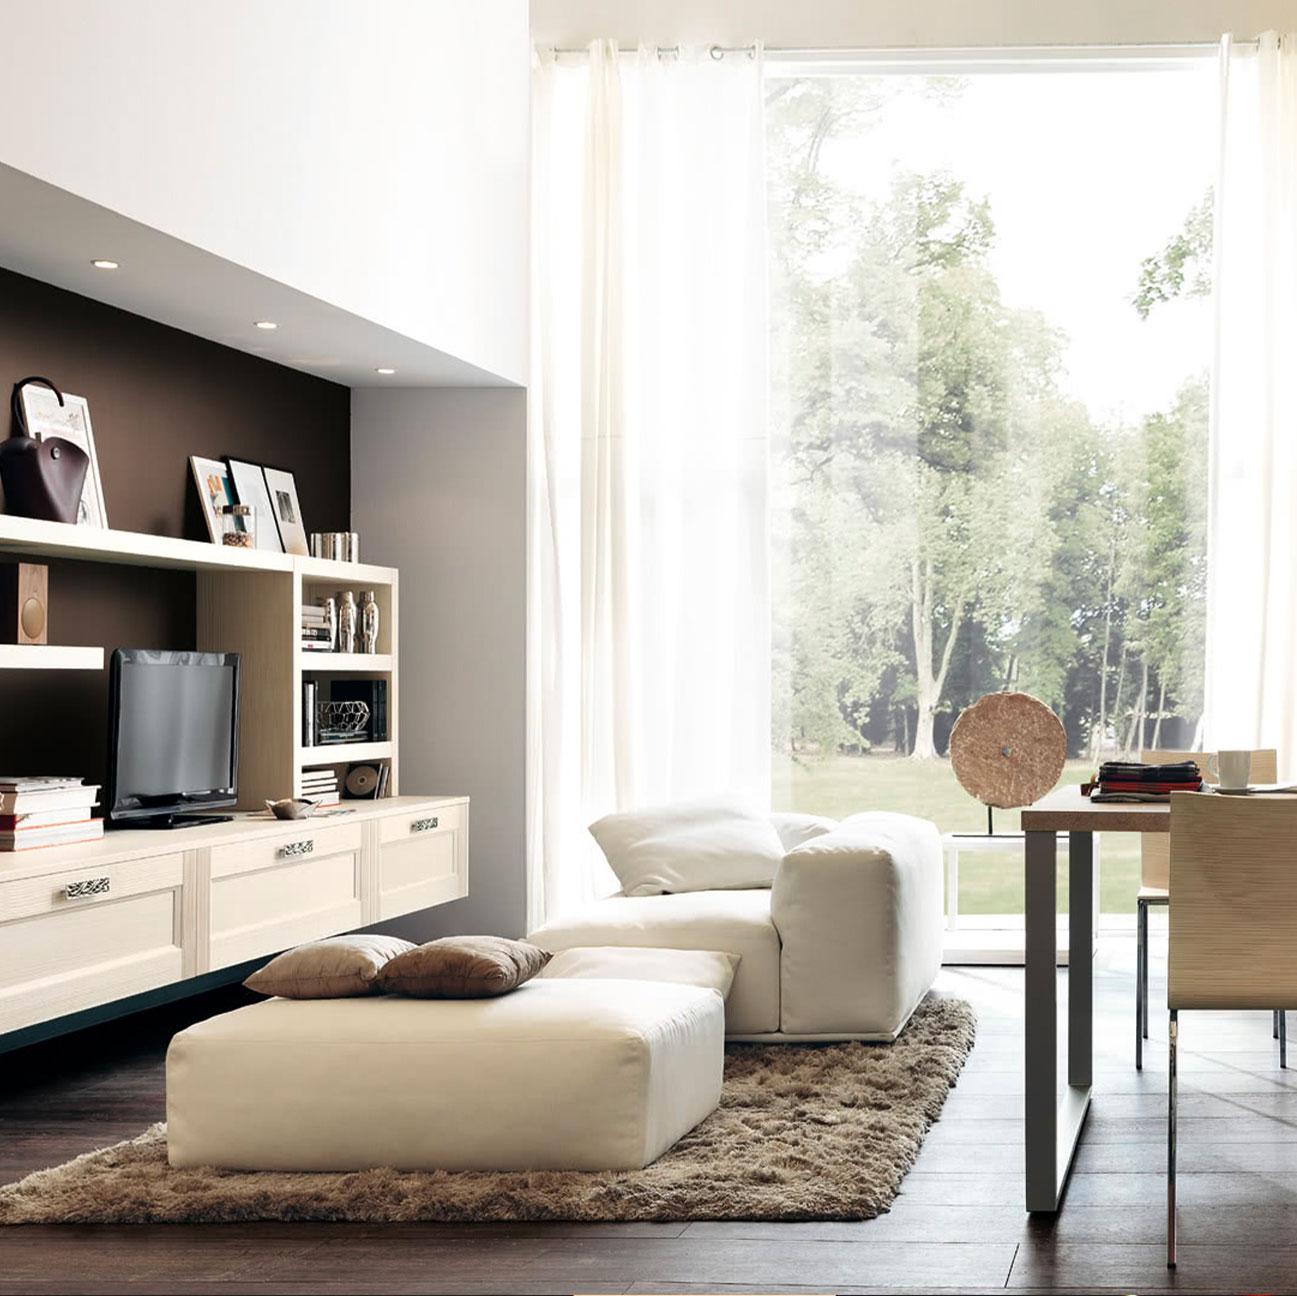 q-camere-da-letto-adulti-moderne-design-industria-velletri-lariano-valmontone-artena-negozio-arredamento